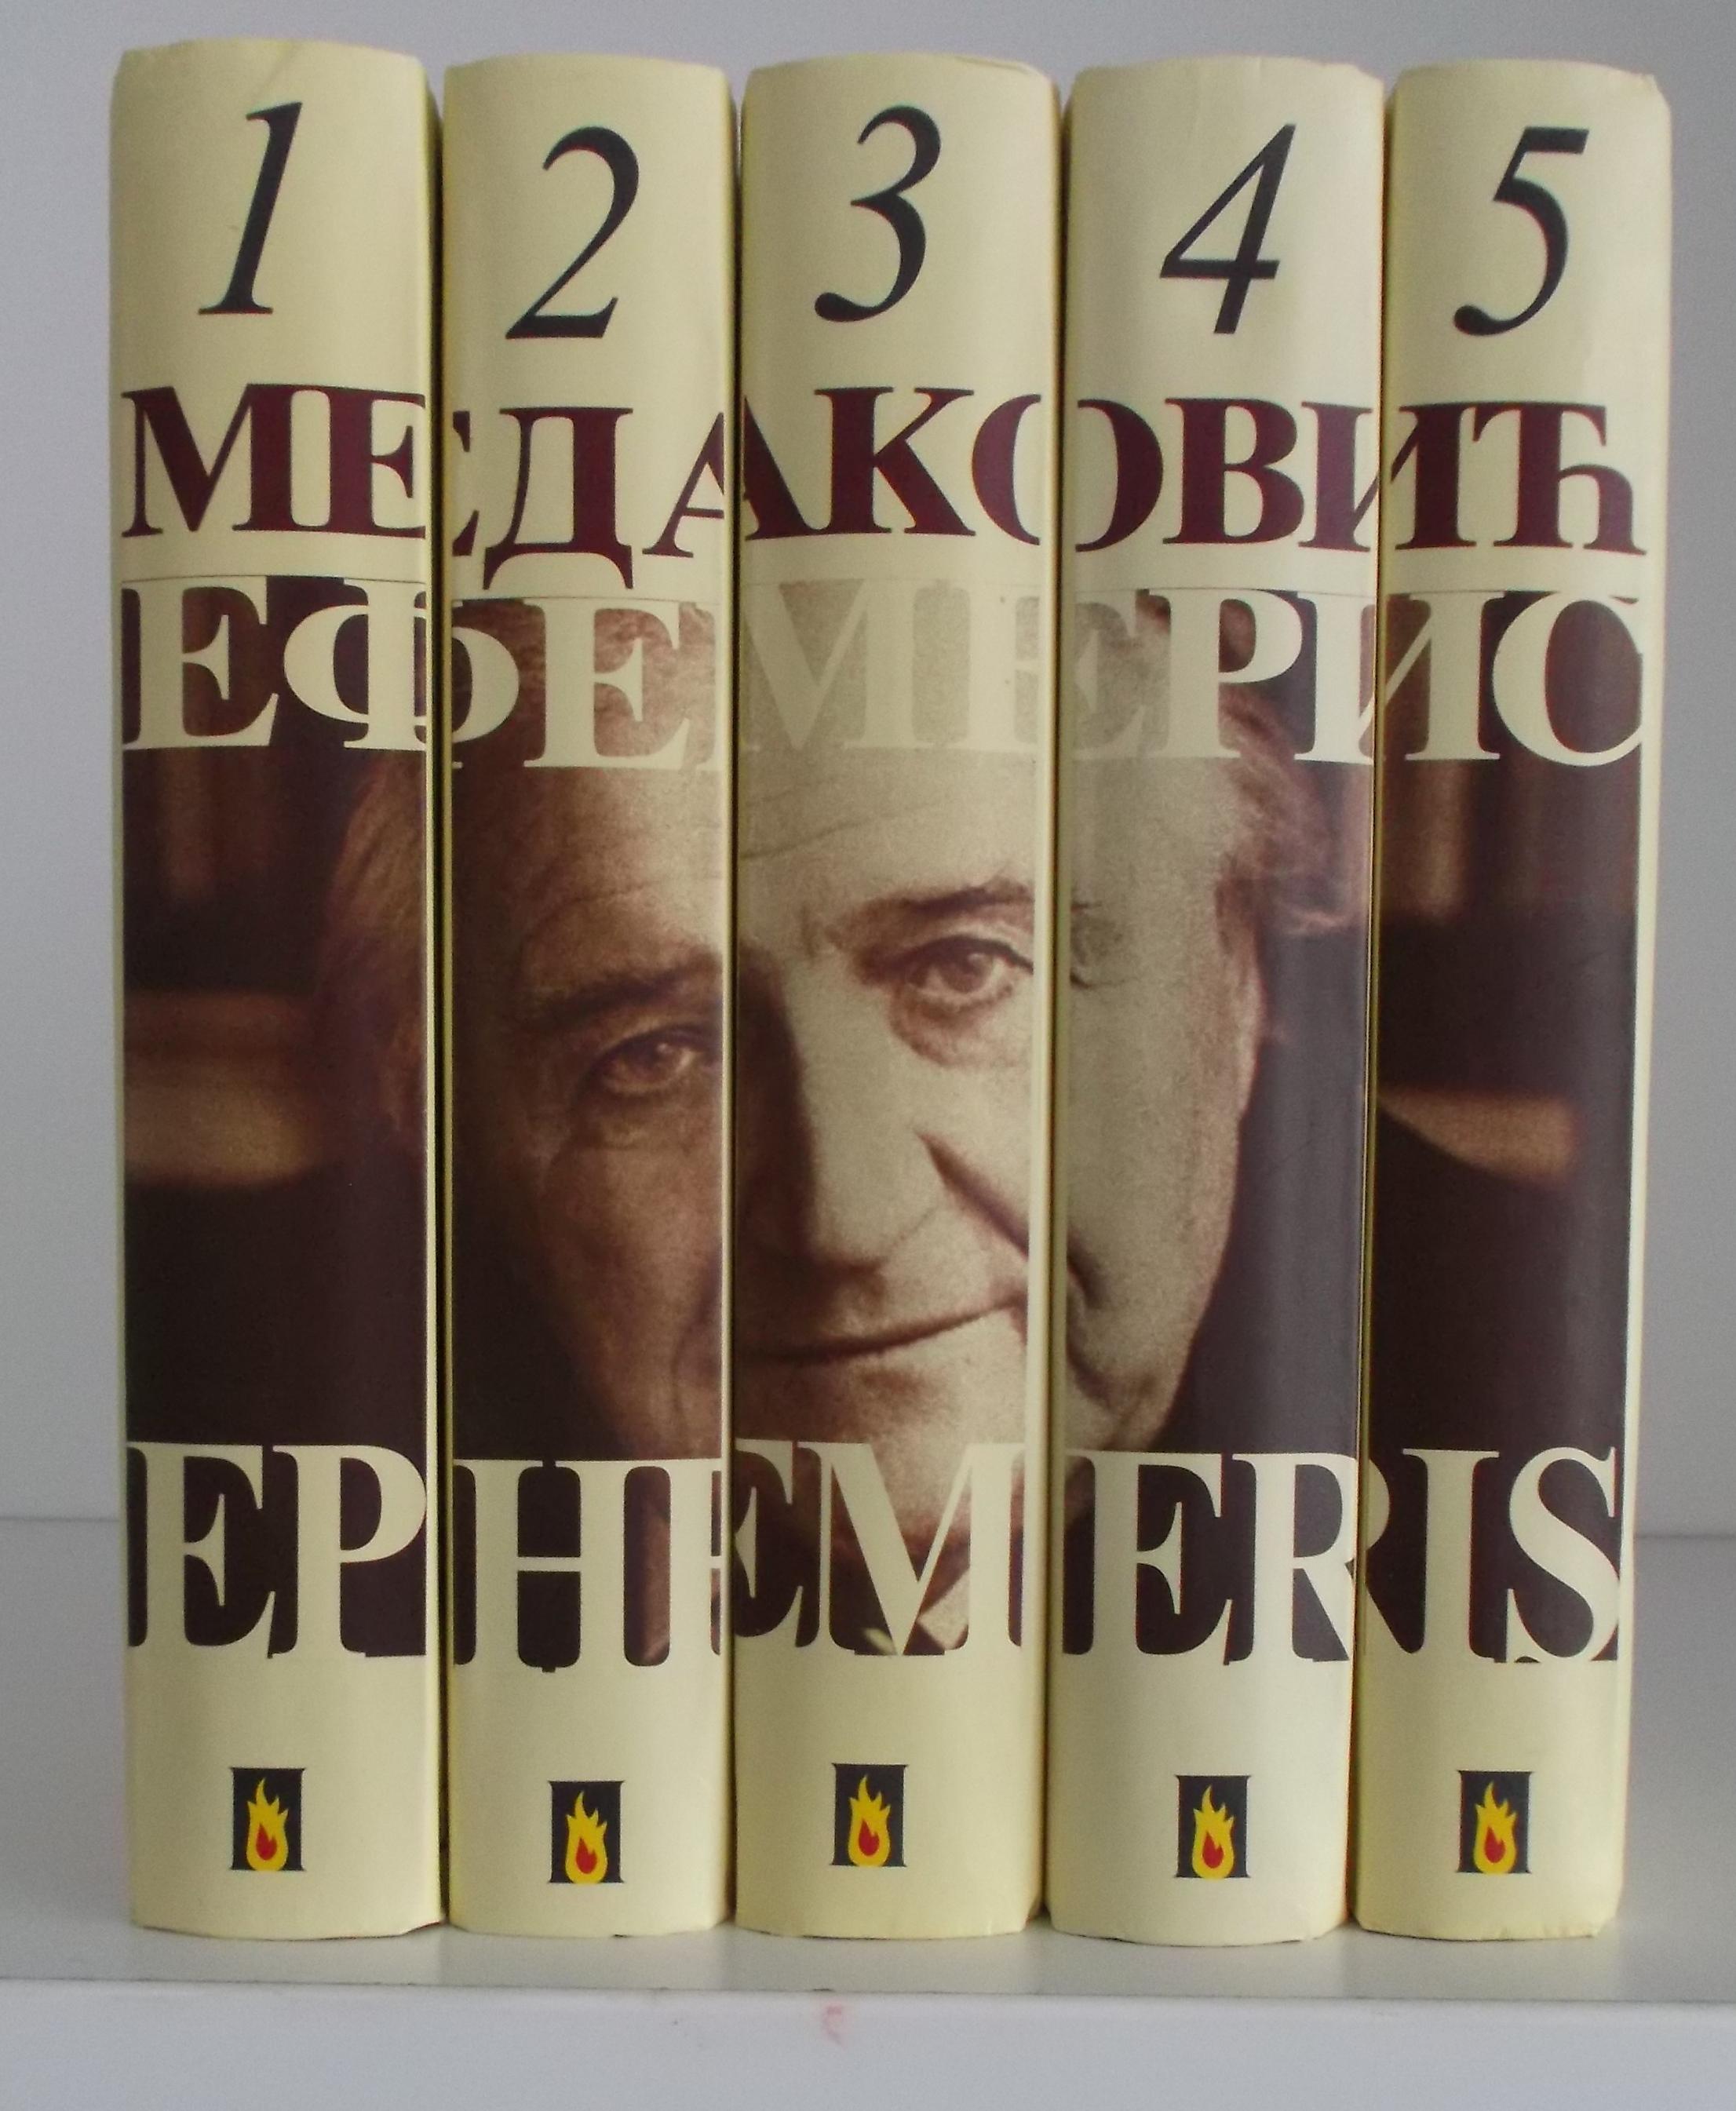 Dejan Medaković P005573c1